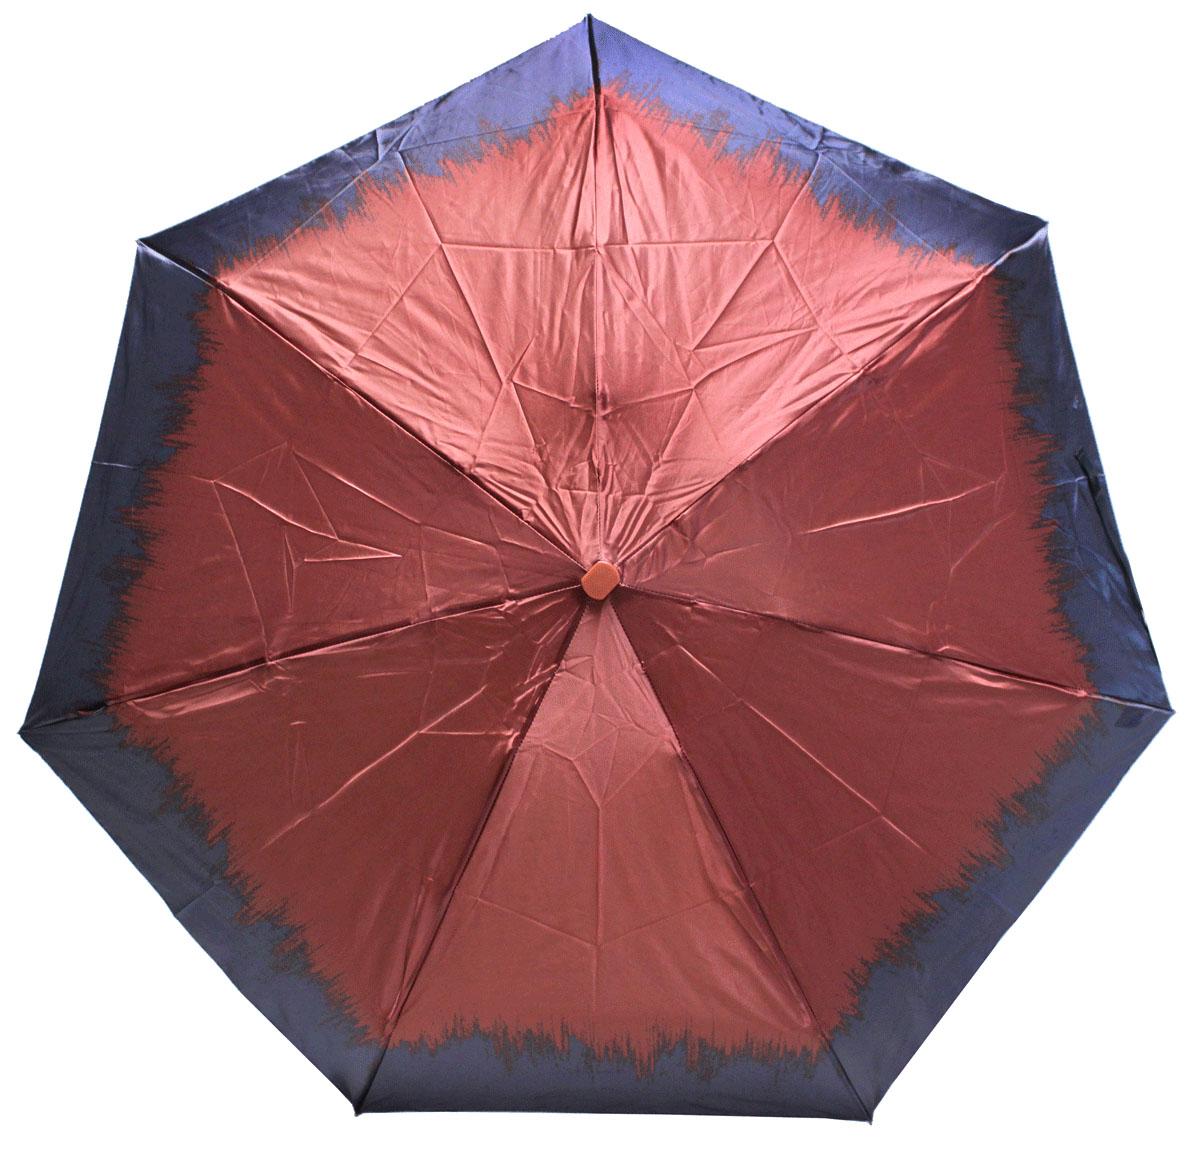 PERTEGAZ 85141-2 Зонт полный автом. 4 сл. жен.85141-2Зонт испанского производителя Clima. В производстве зонтов используются современные материалы, что делает зонты легкими, но в то же время крепкими. Полный автомат, 4 сложения, 7 спиц, полиэстер.